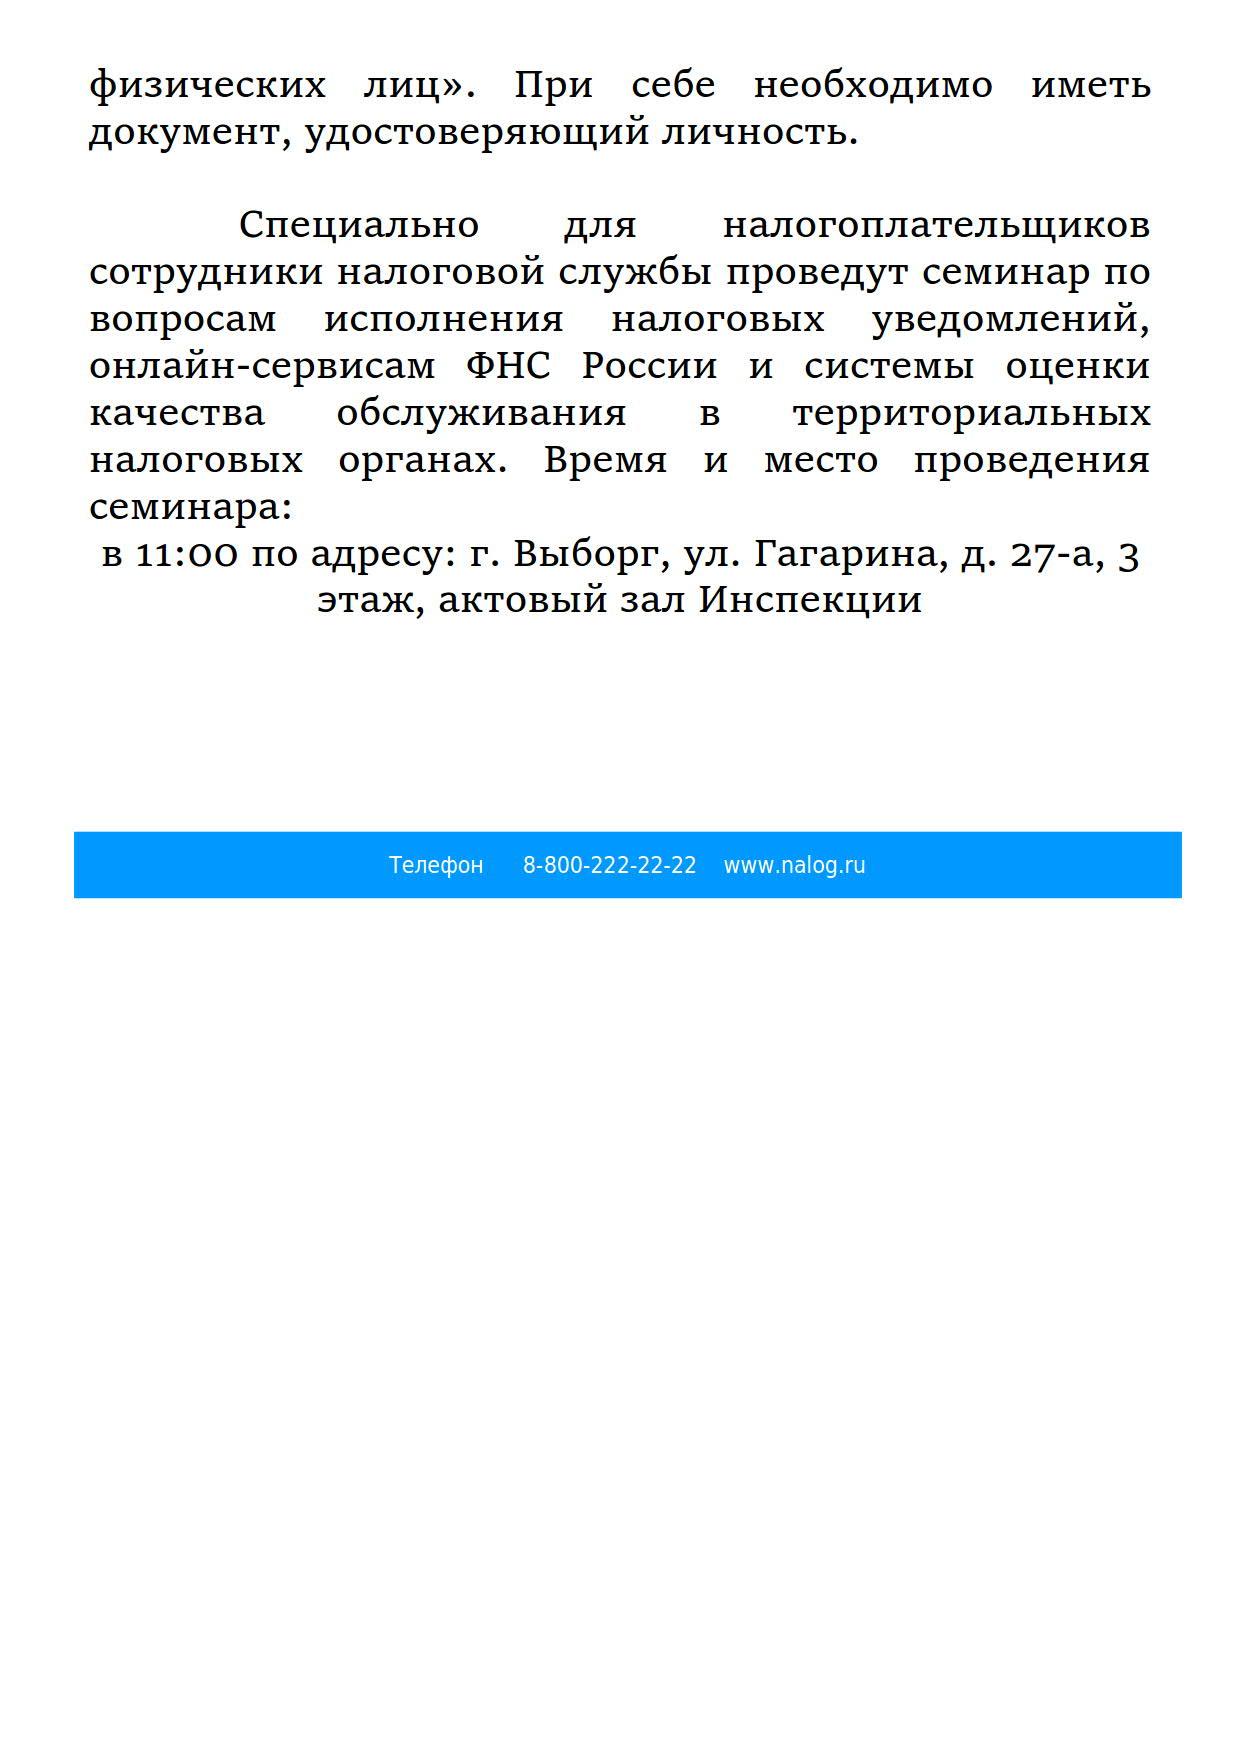 ДОД 25.10.2019_2